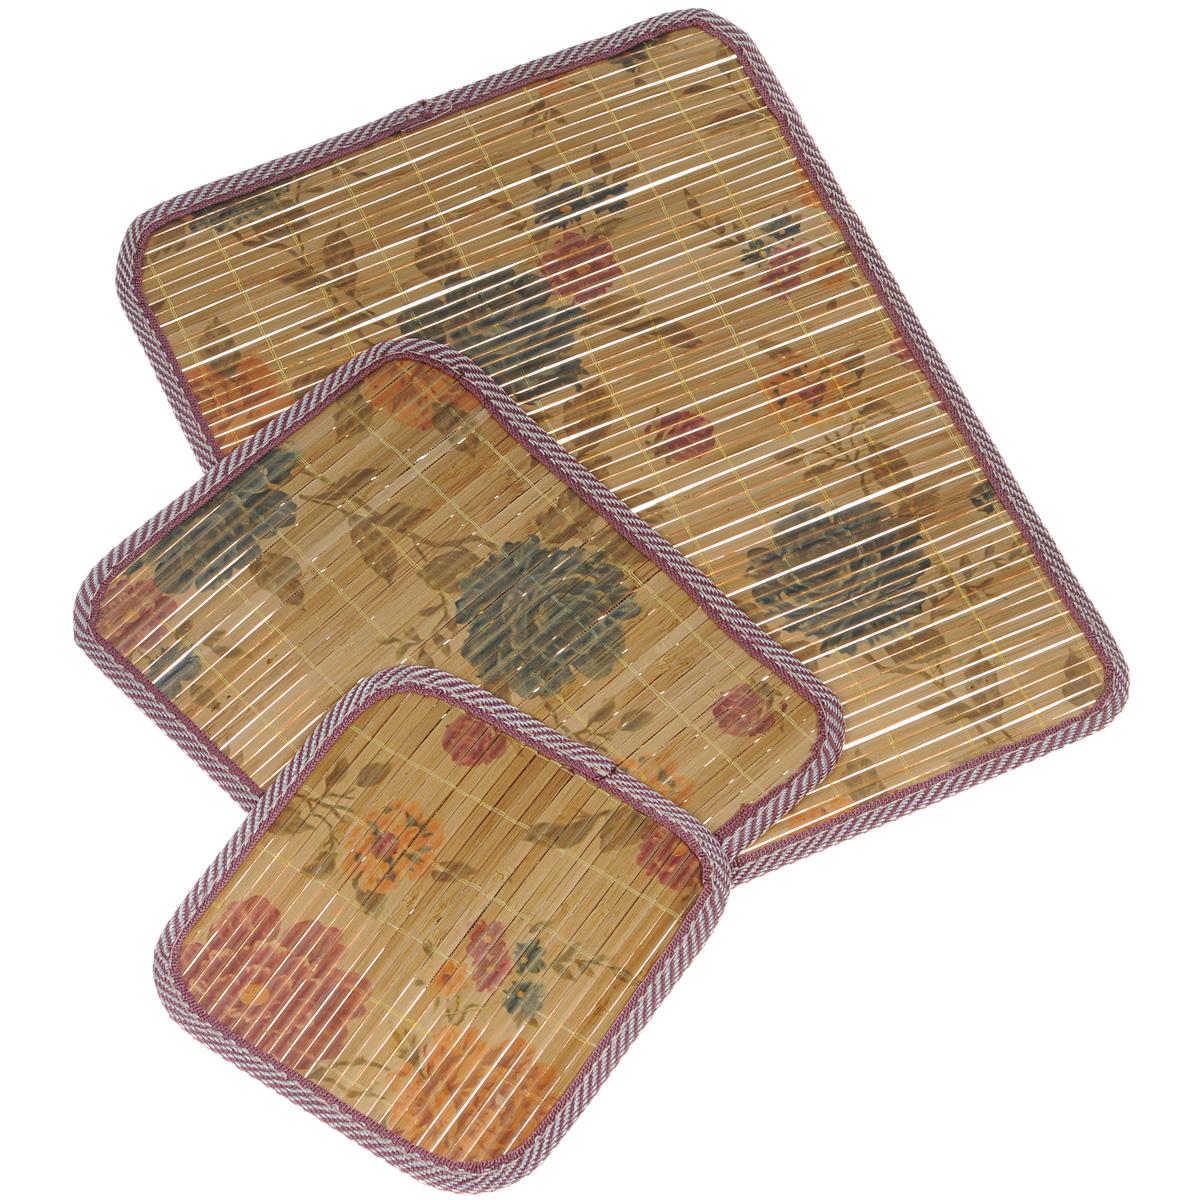 Набор салфеток под горячее Dommix, цвет: коричневый, 3 шт. OW041OW041Набор Dommix, состоящий из 3 бамбуковых салфеток под горячее, идеально впишется в интерьер современной кухни. Изделия декорированы изображением цветов. Салфетки из бамбука не впитывают запахи, легко моются, не деформируются при длительном использовании. Бамбук обладает антибактериальными и водоотталкивающими свойствами. Также имеют высокую прочность.Каждая хозяйка знает, что салфетка под горячее - это незаменимый и очень полезный аксессуар на каждой кухне. Ваш стол будет не только украшен оригинальной салфеткой, но и сбережен от воздействия высоких температур ваших кулинарных шедевров. Размер маленькой салфетки: 18 см х 18,5 см х 0,2 см.Размер средней салфетки: 27,5 см х 20,5 см х 0,2 см.Размер большой салфетки: 39 см х 30 см х 0,2 см.